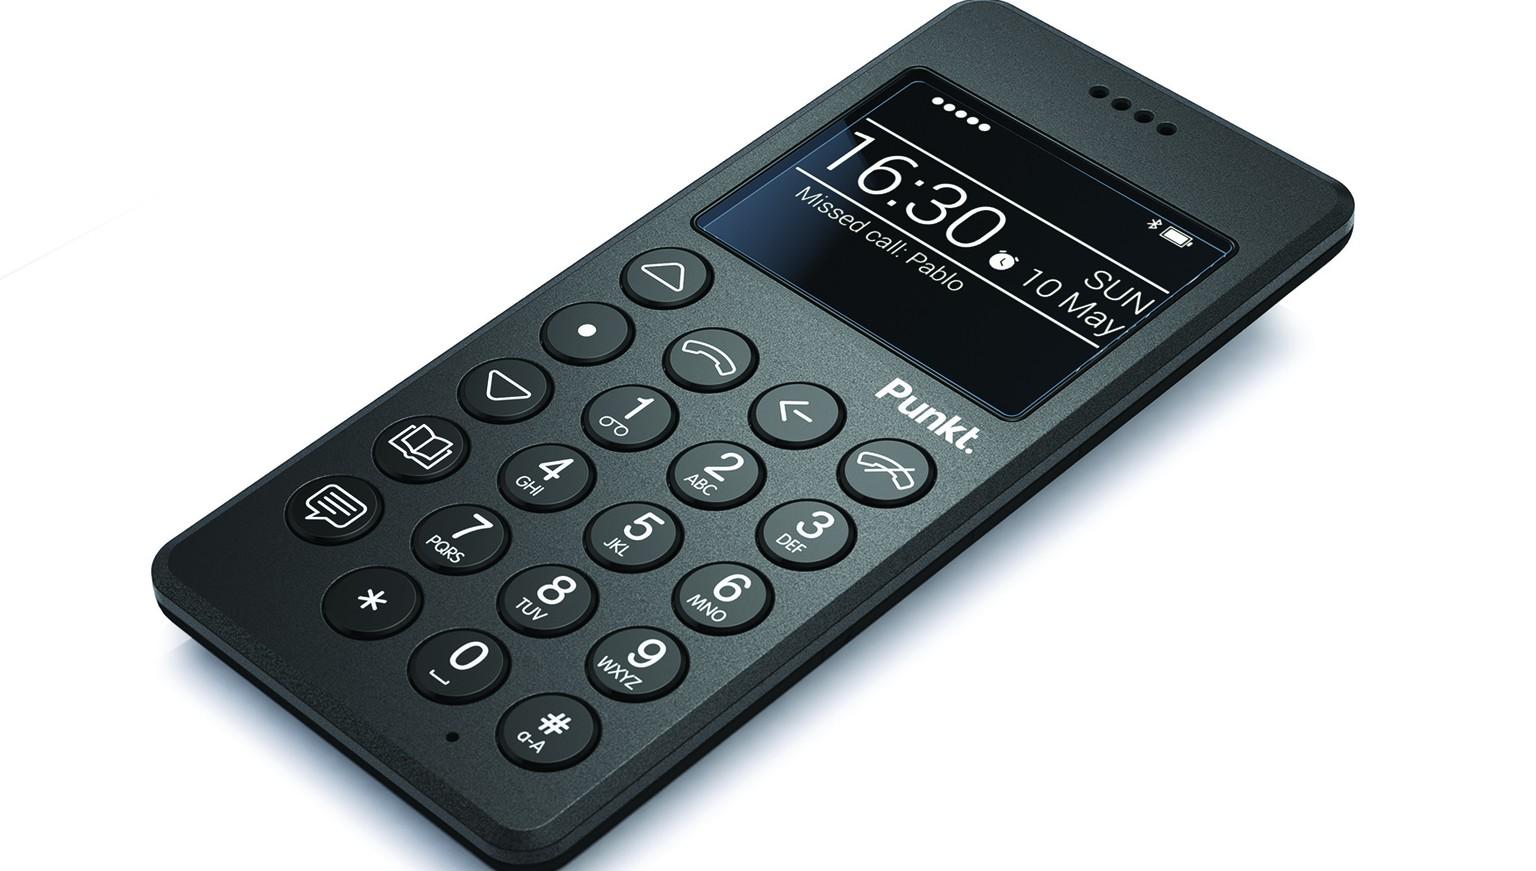 The Phone: Eine Woche nur telefonieren und SMS schreiben ...